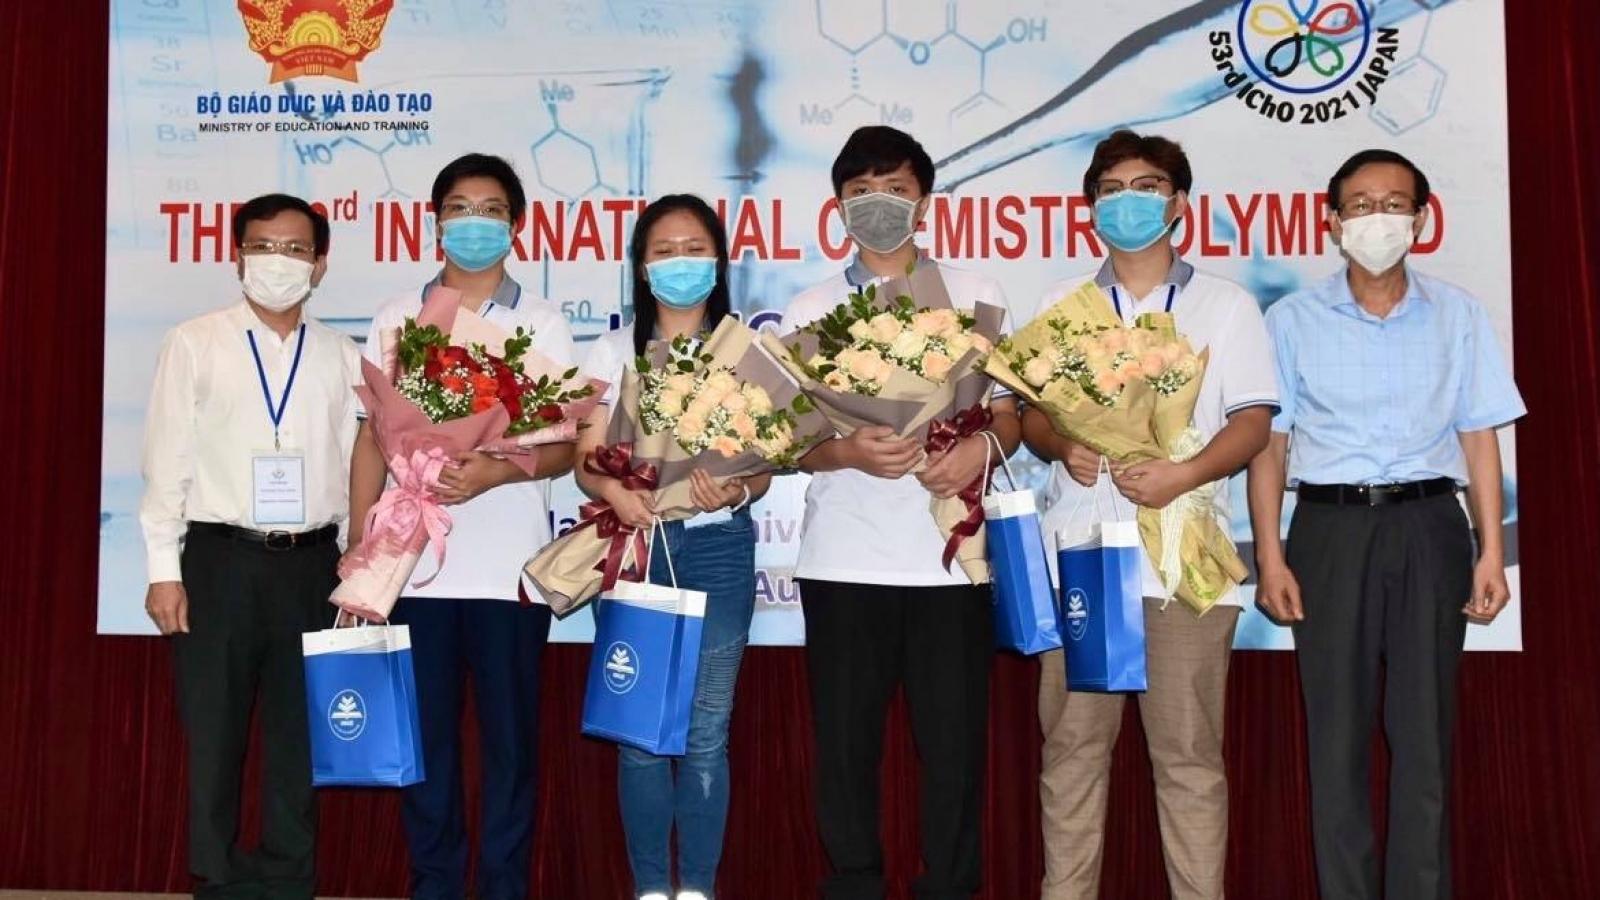 Vietnam wins three golds at 2021 Int'l Chemistry Olympiad